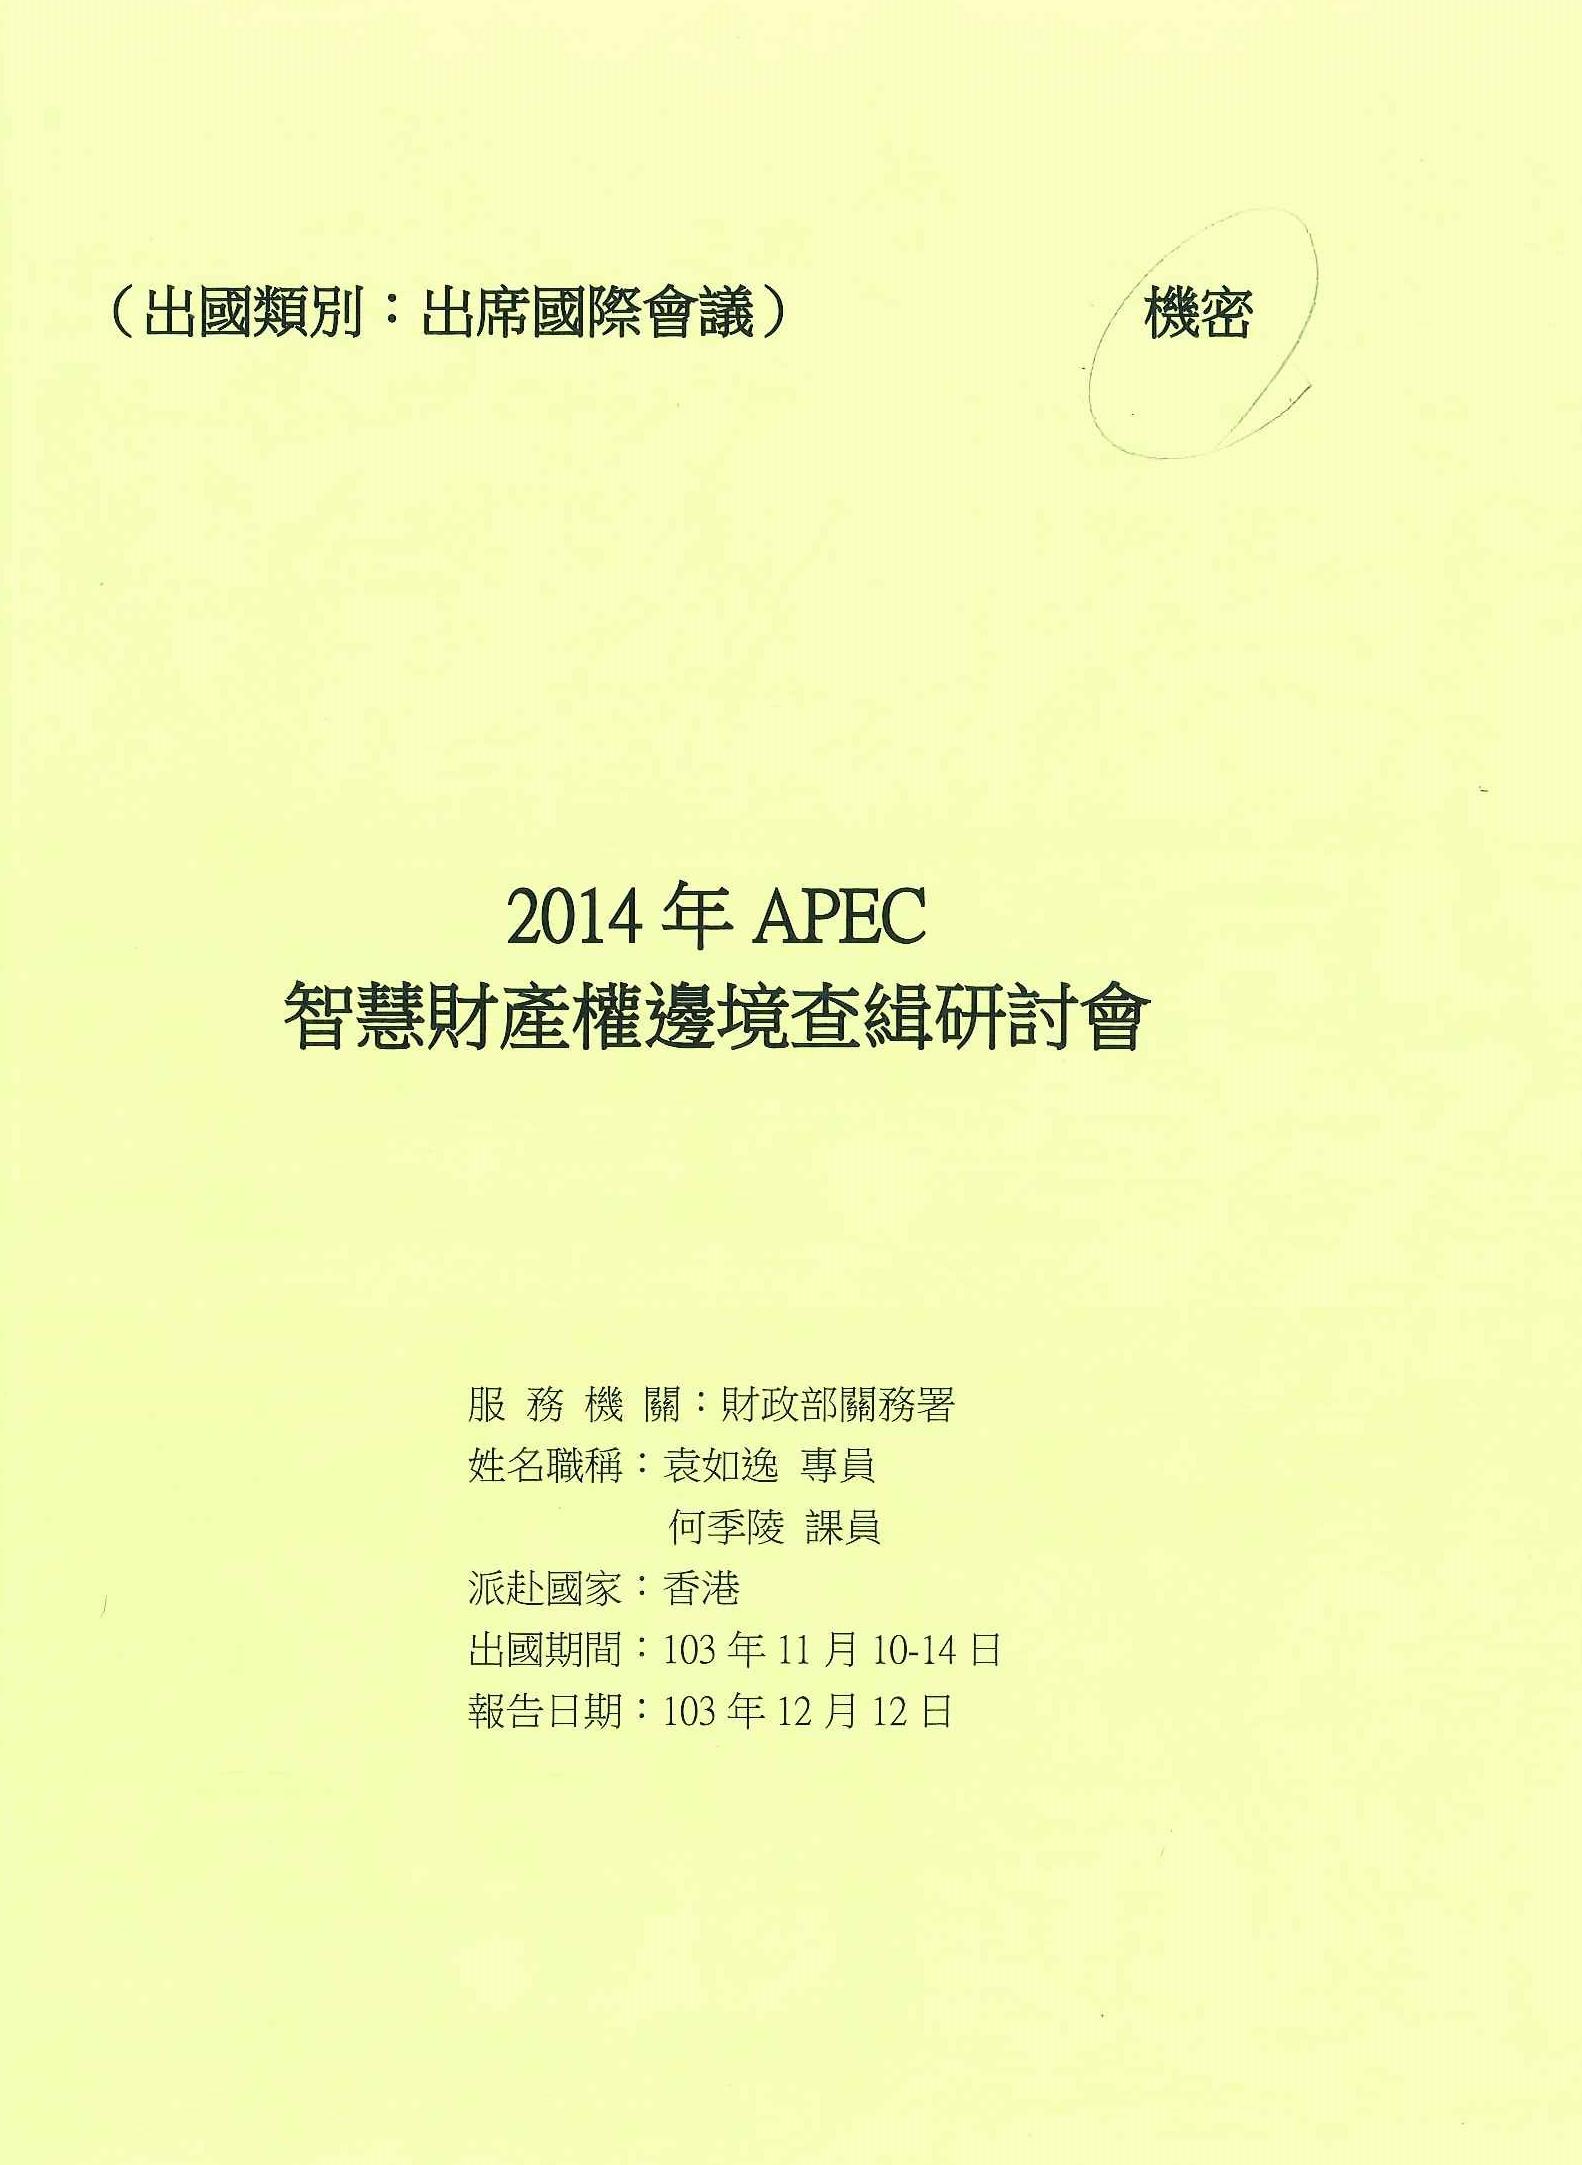 2014年APEC智慧財產權邊境查緝研討會